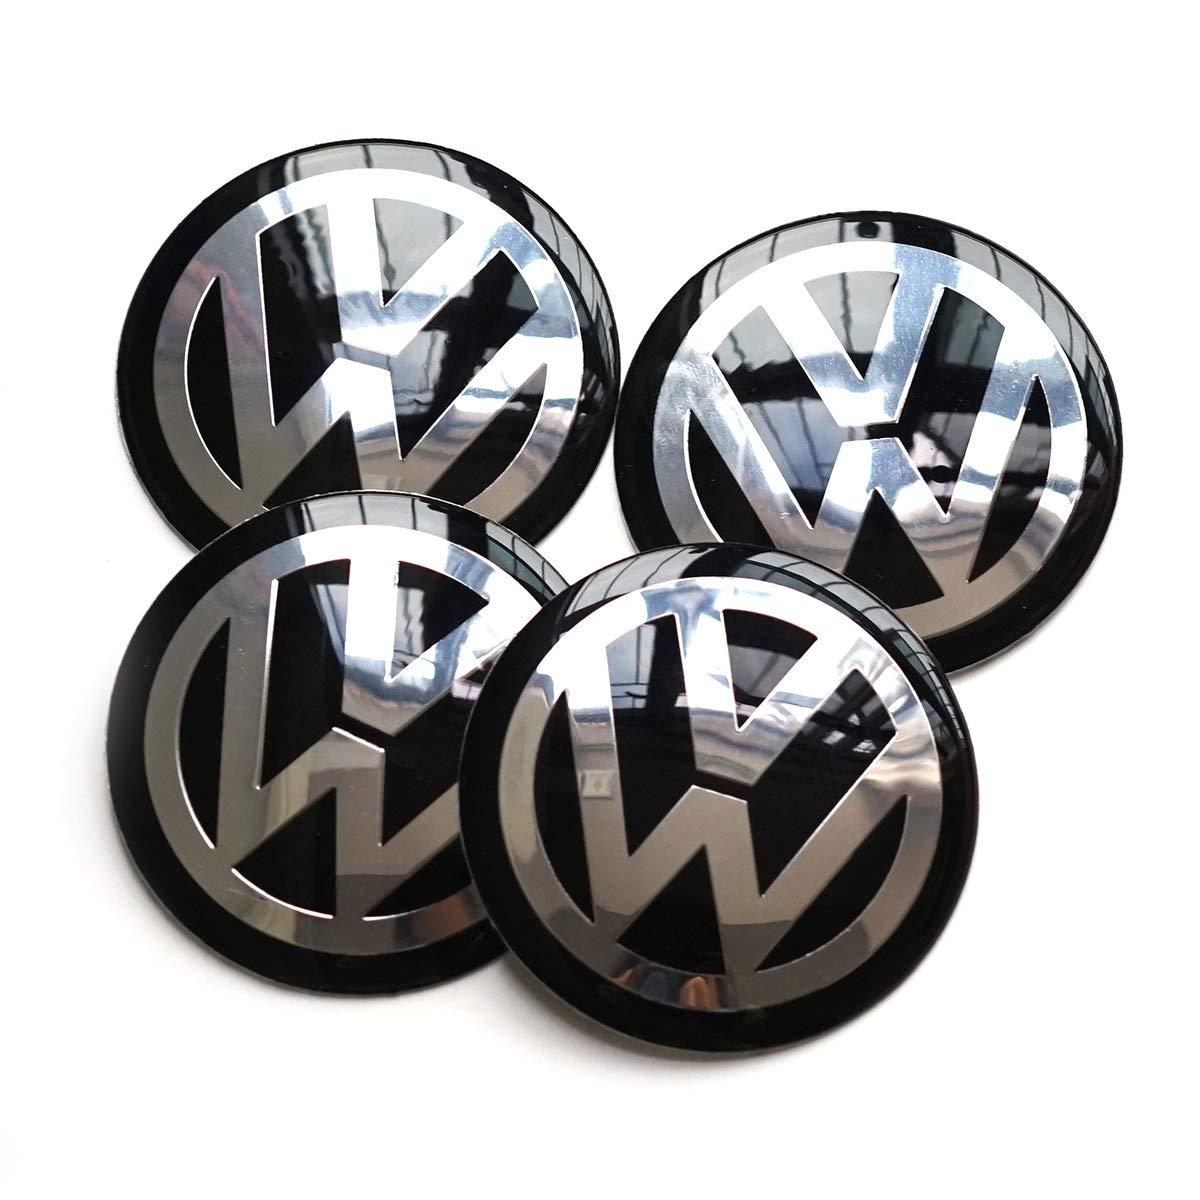 Amazon.com: MonboAuto - 4 piezas de accesorios para coche ...